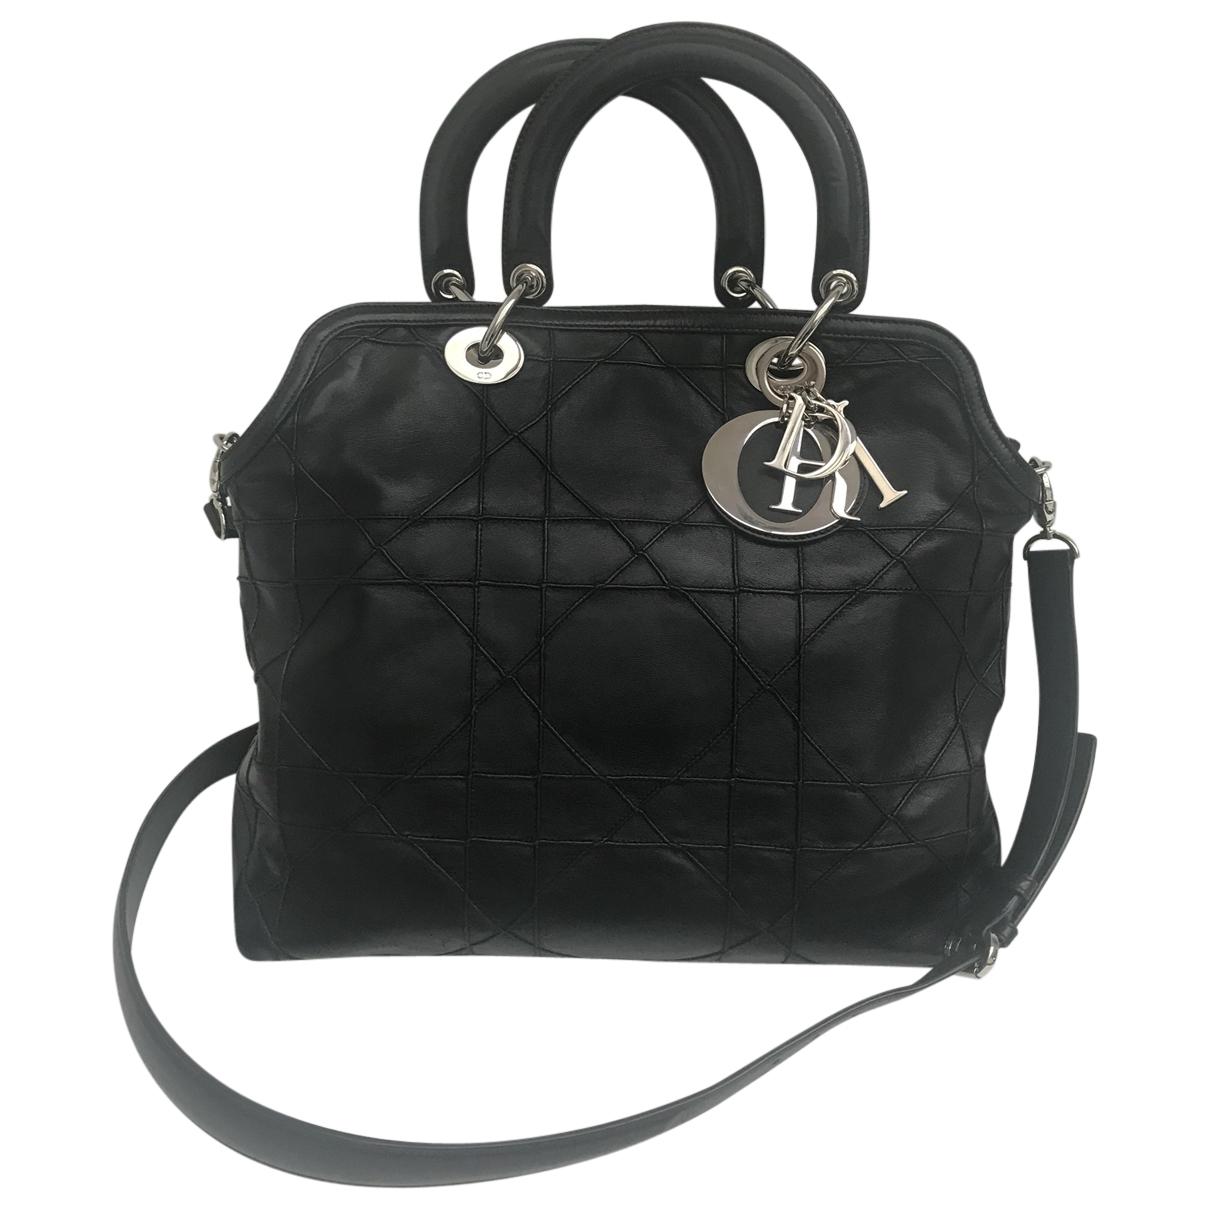 Dior - Sac a main Granville pour femme en cuir - noir